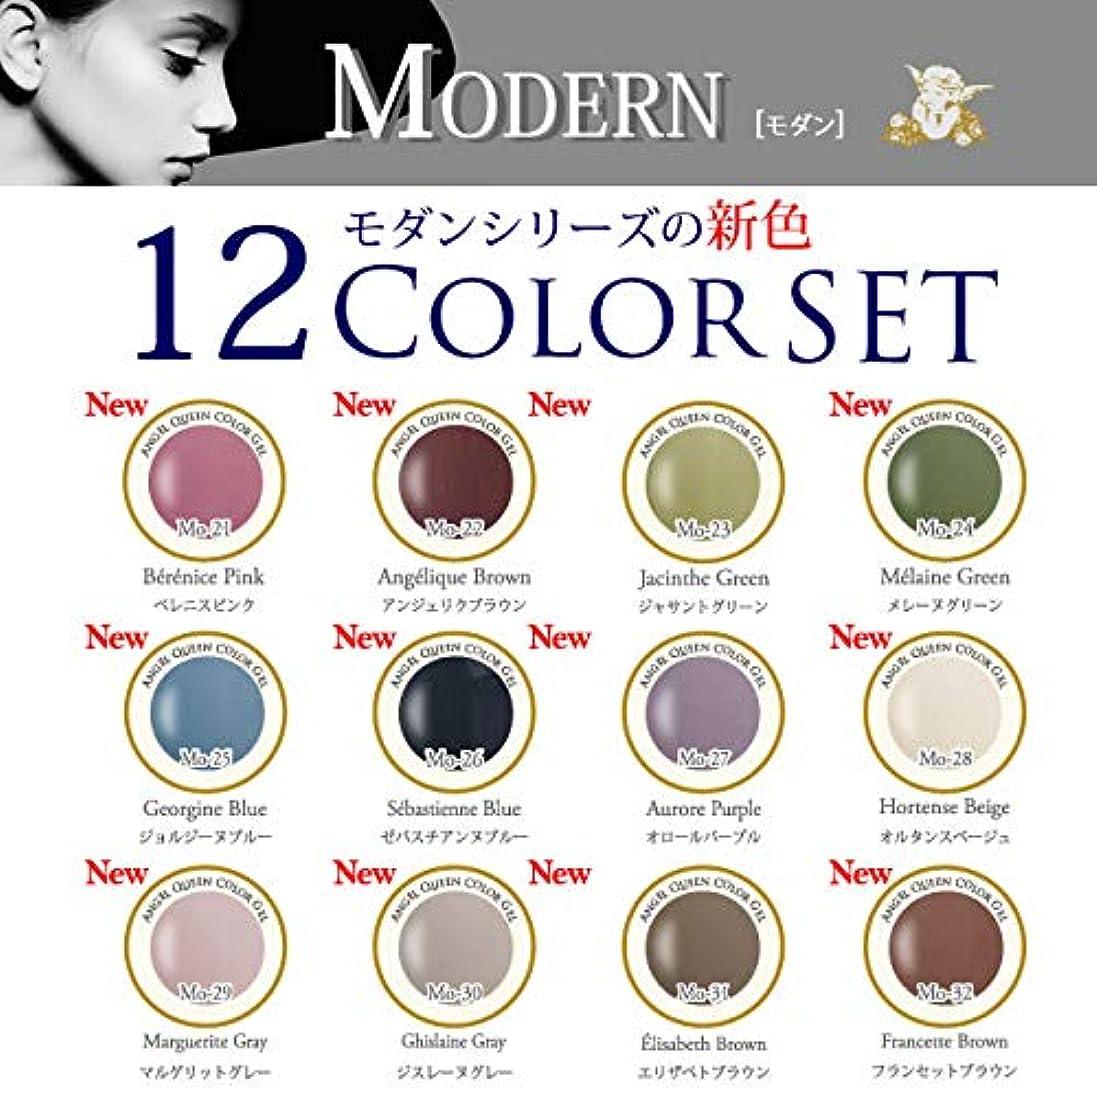 幾分エンティティ味【期間限定商品】クィーンカラージェル 新色モダン12色セット